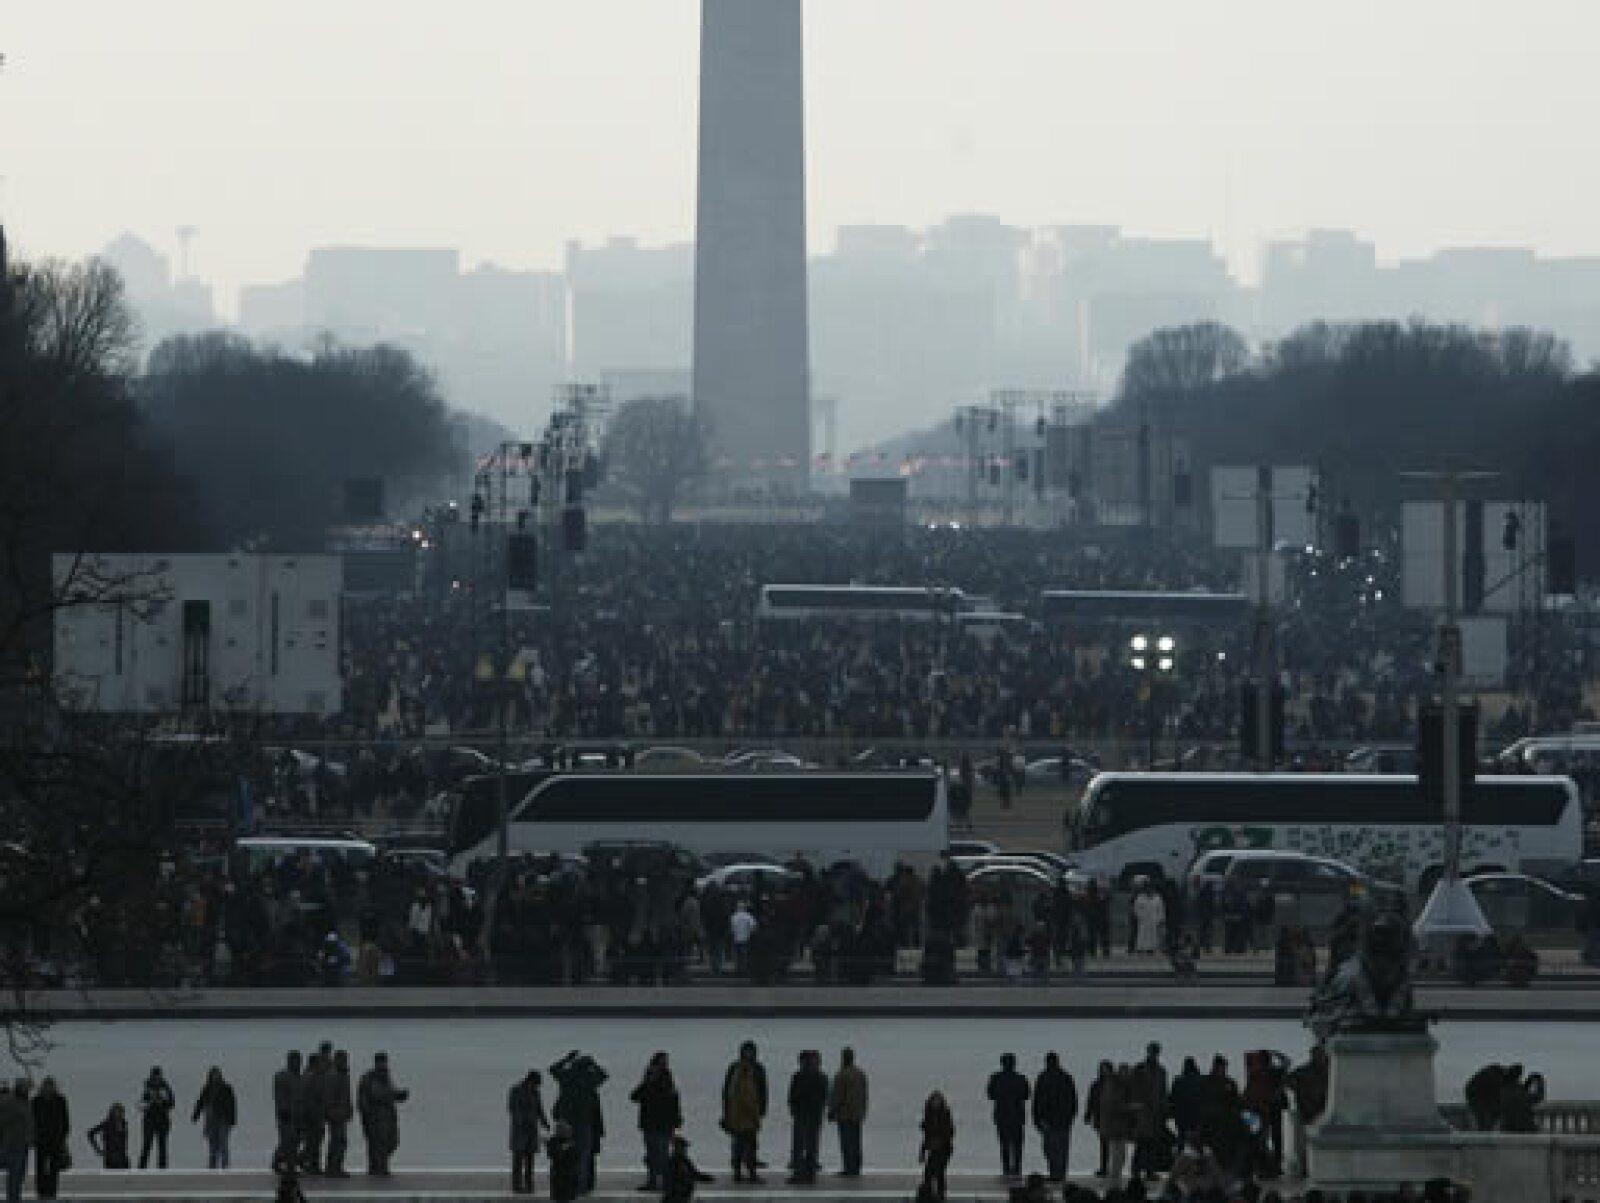 Es probable que un millón de personas llegue hasta el National Mall, una verde plaza rodeada de museos y monumentos.